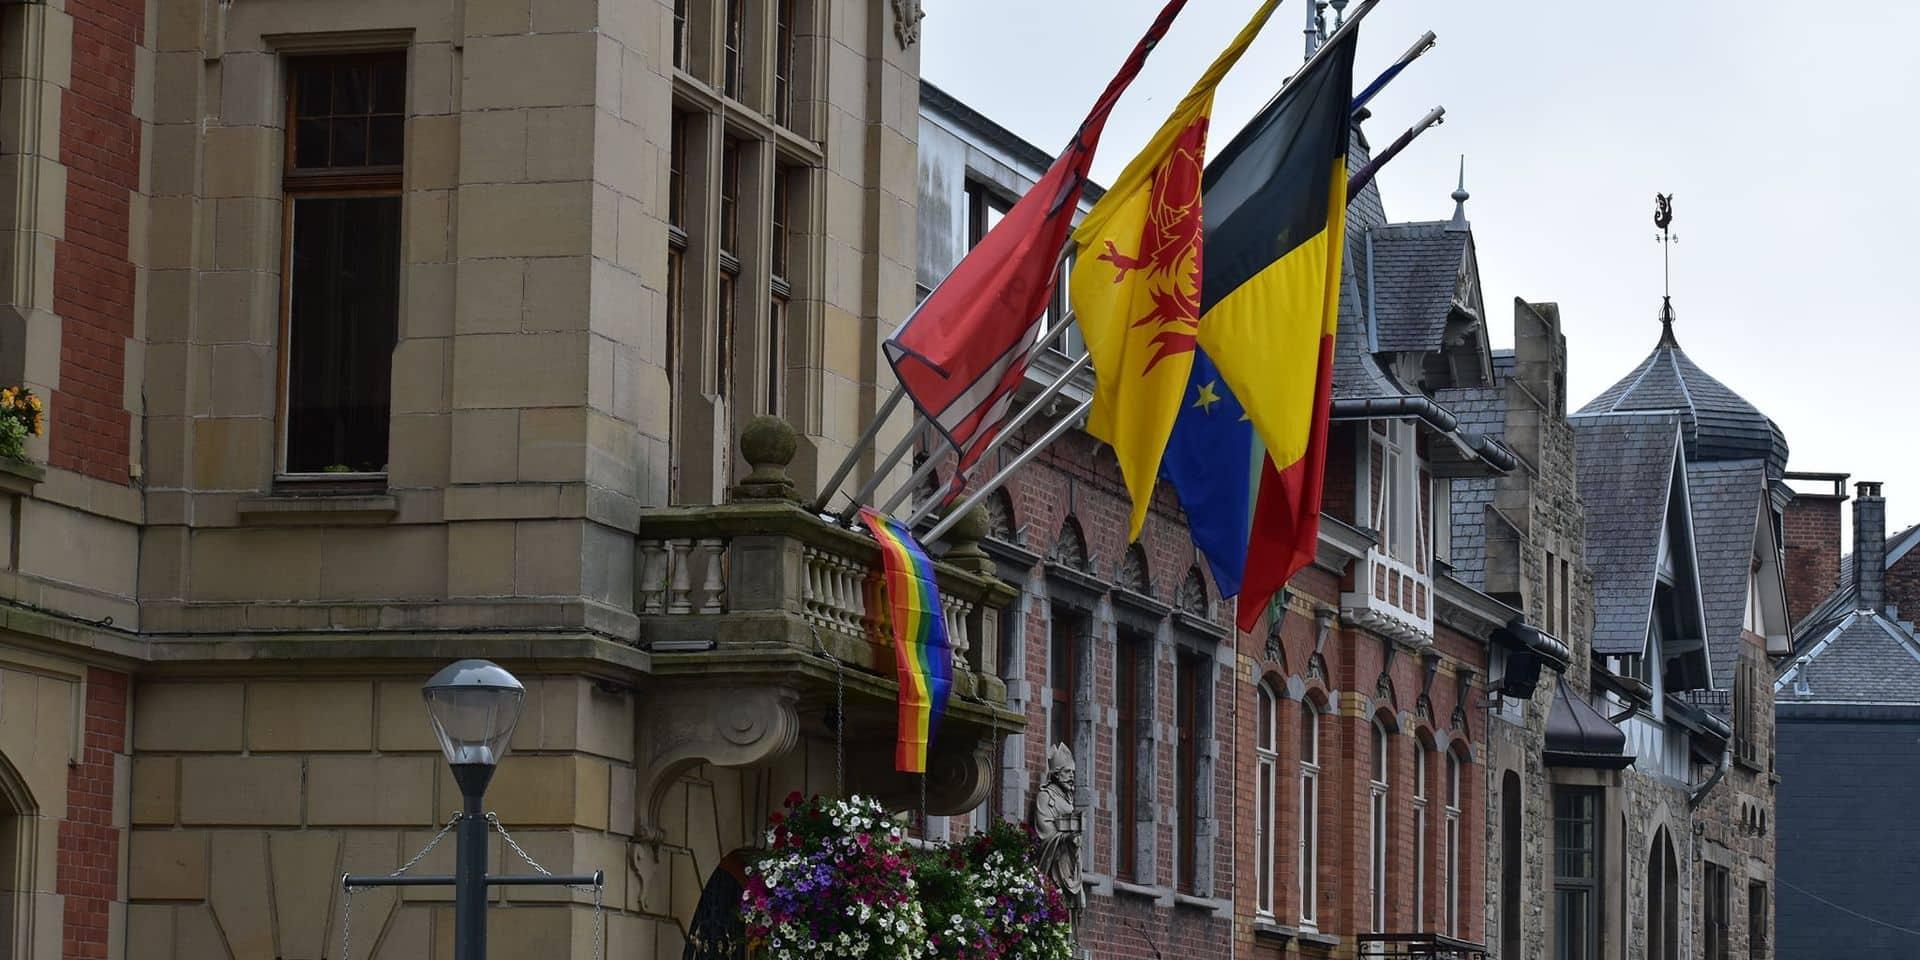 Malmedy arbore le drapeau LGBTQI+